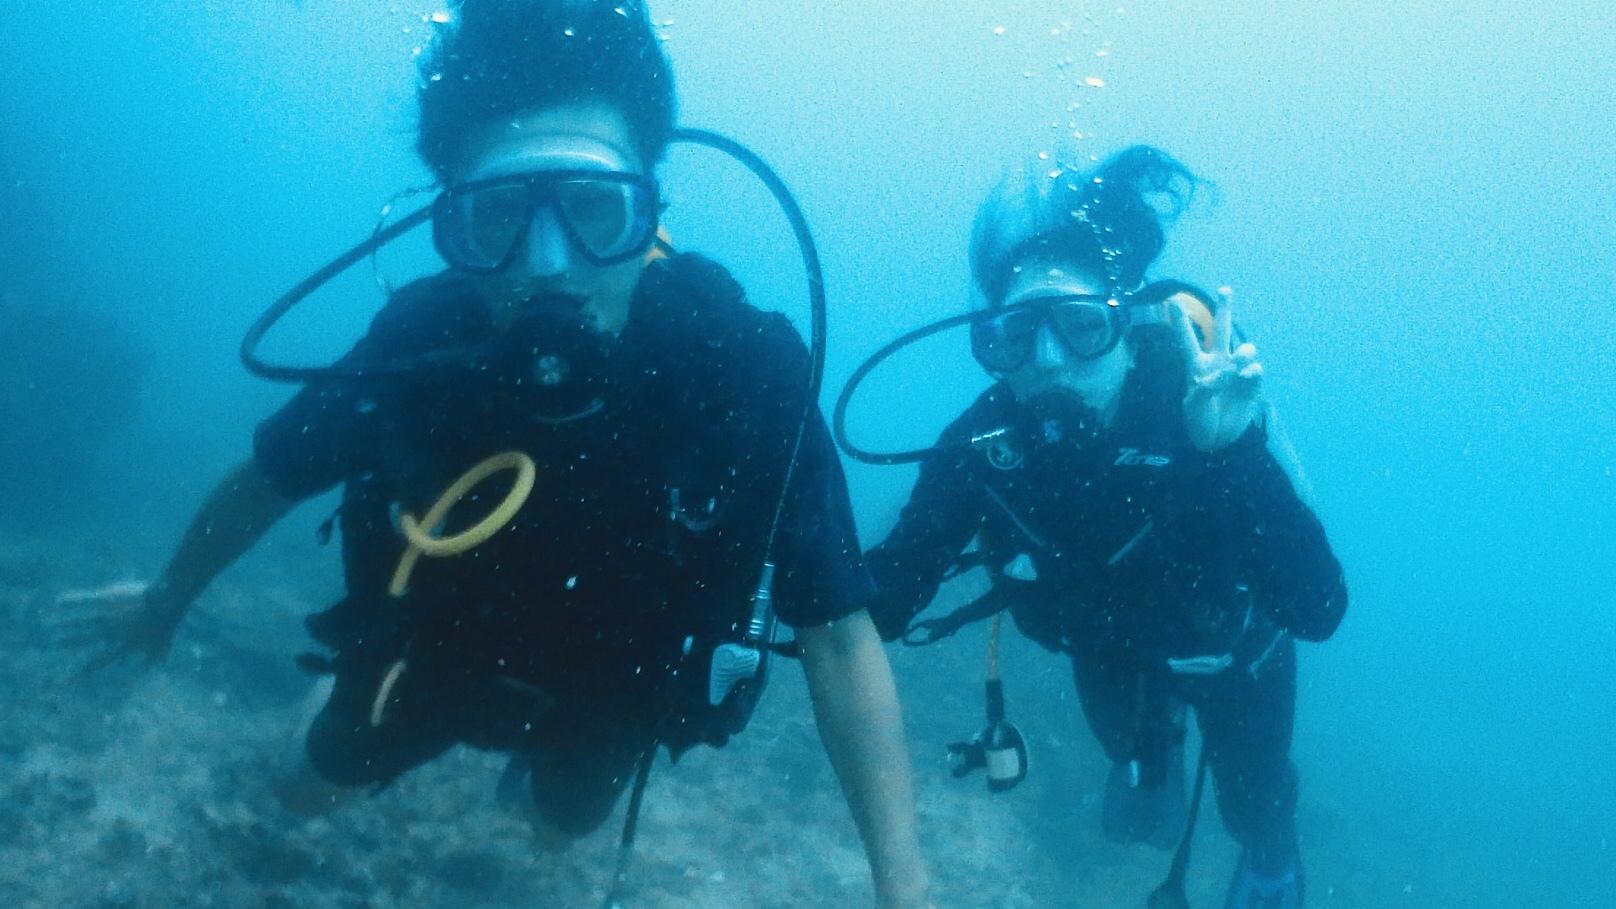 ピピ島で初めてのダイビング(^^)_f0144385_19095161.jpeg